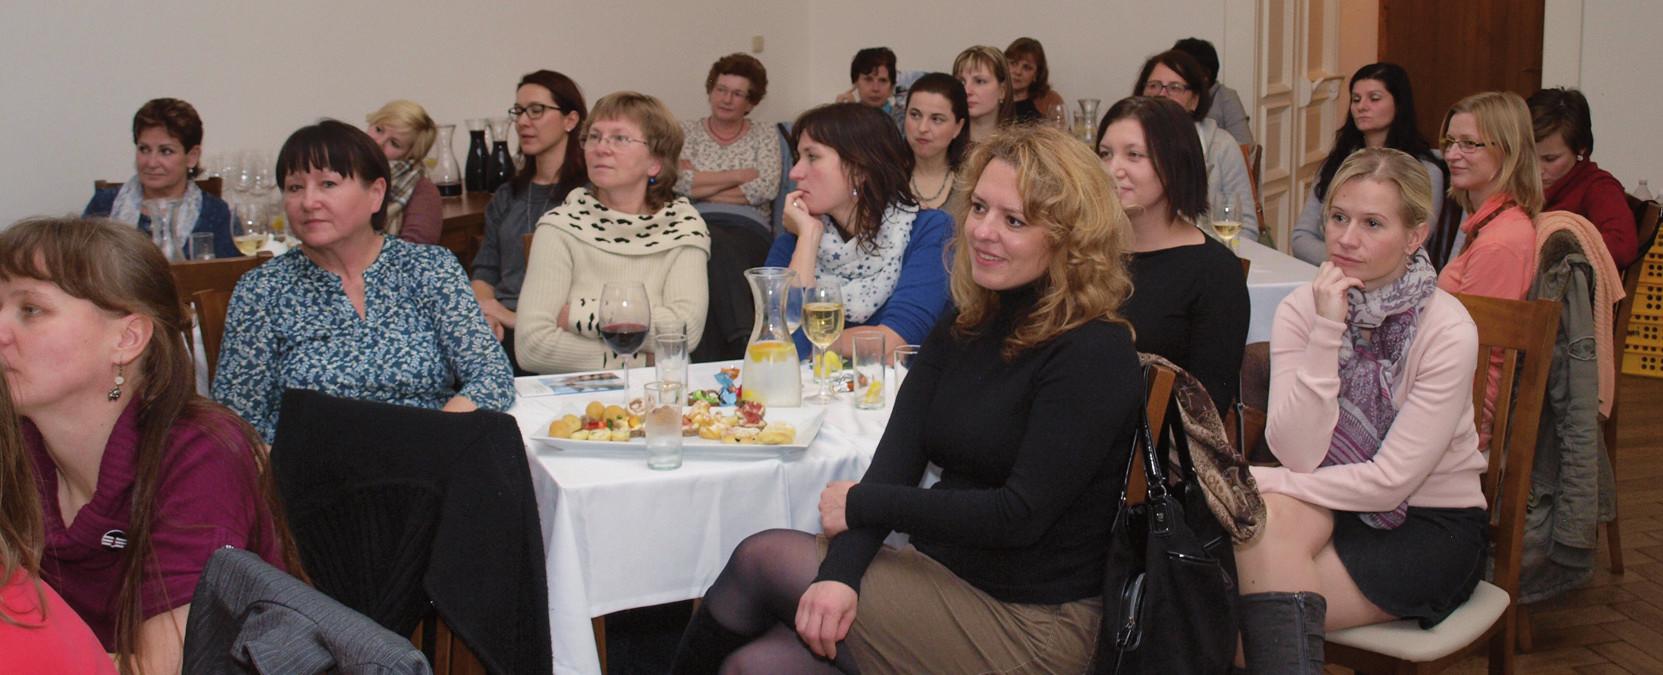 Pohled do sálu spokojeného publika.